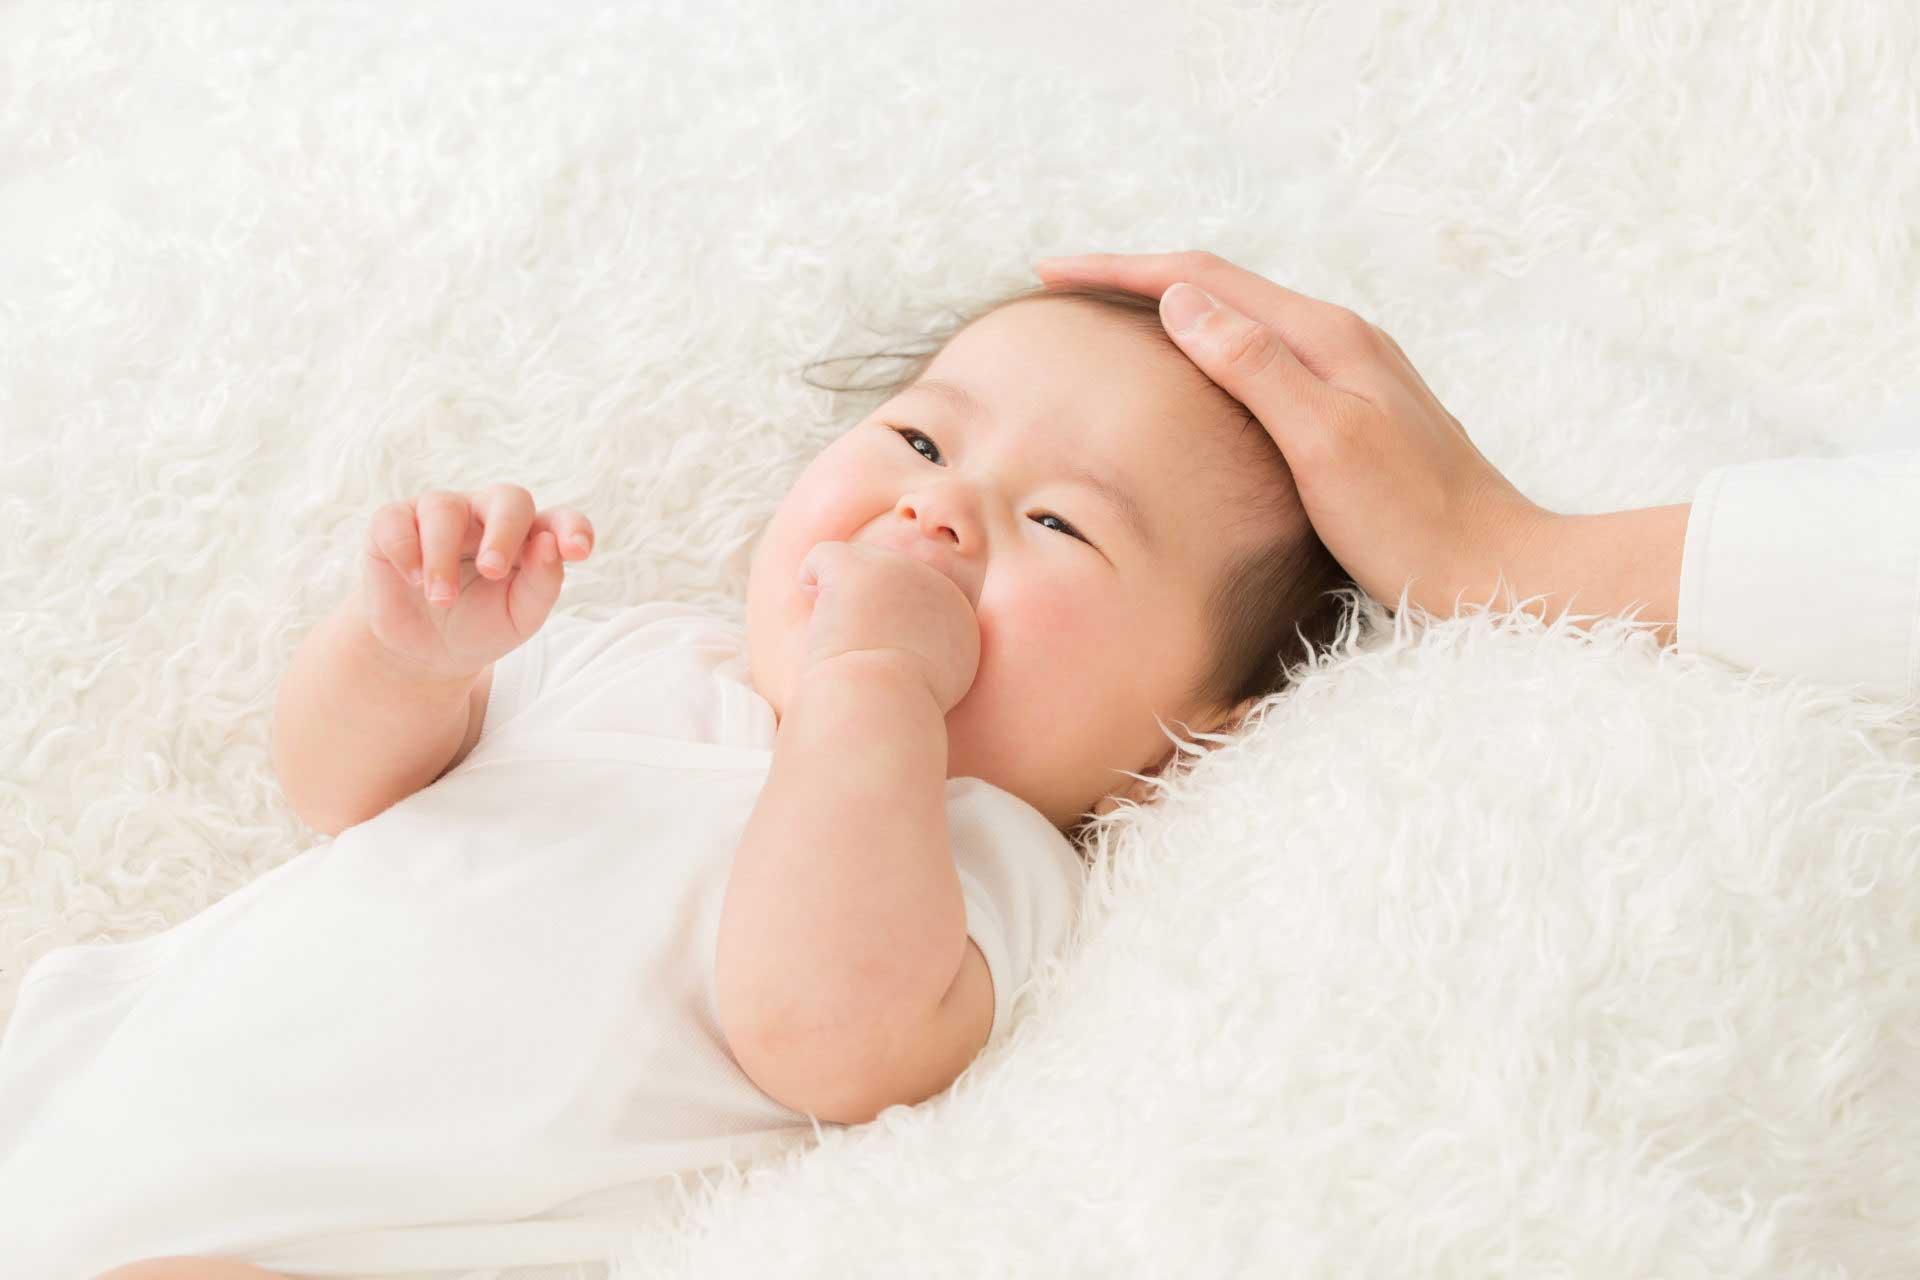 赤ちゃんの頭の形や絶壁は治る?6か月過ぎても矯正できる?